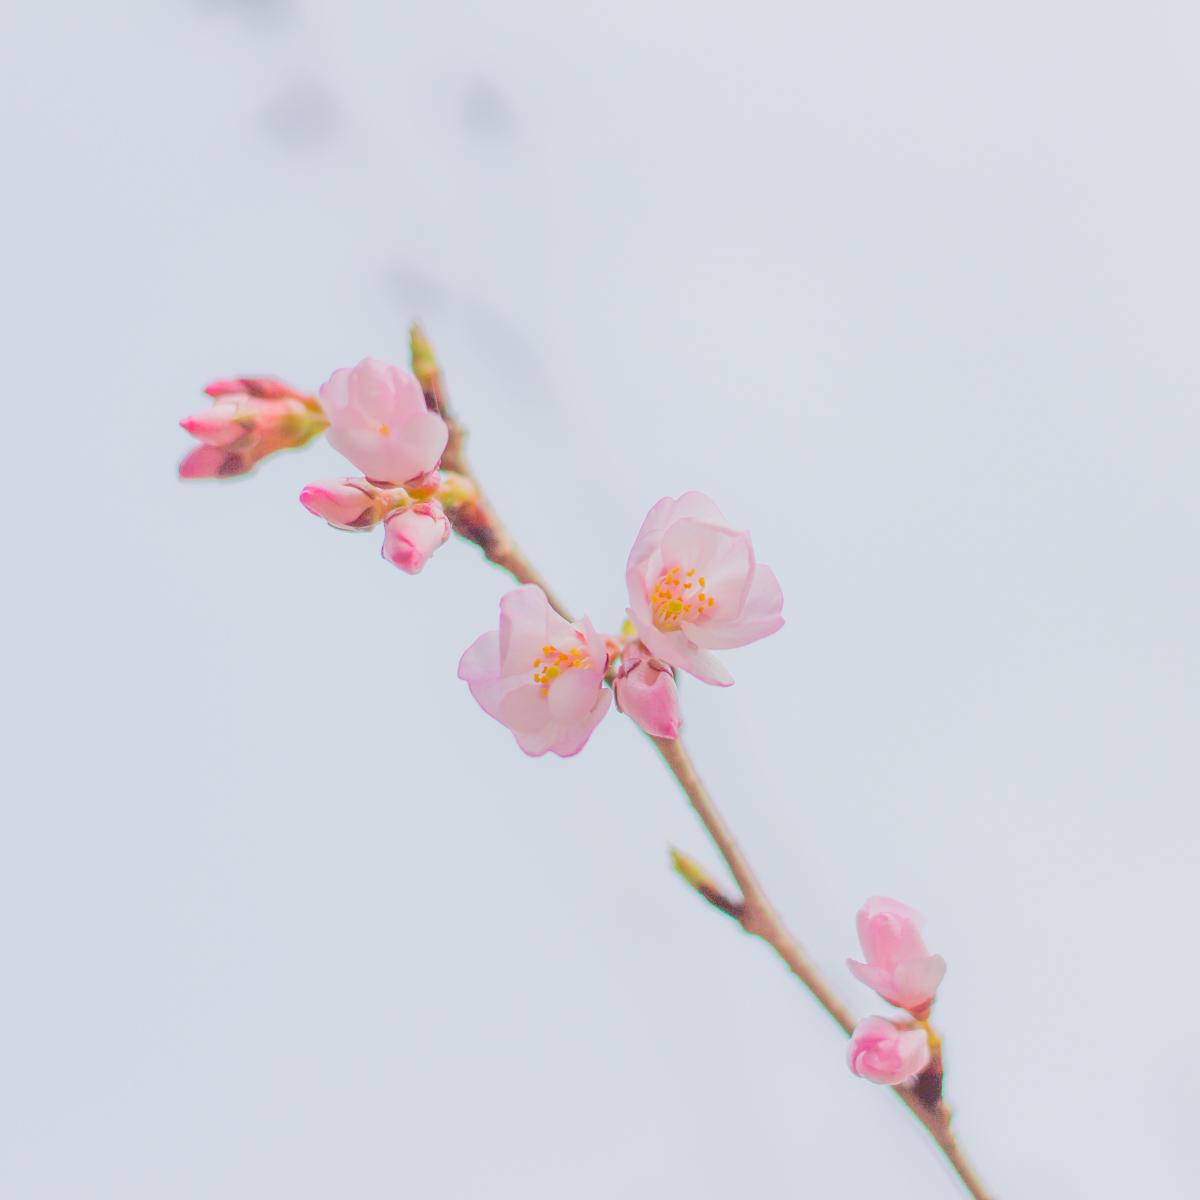 春待つ息吹(2)